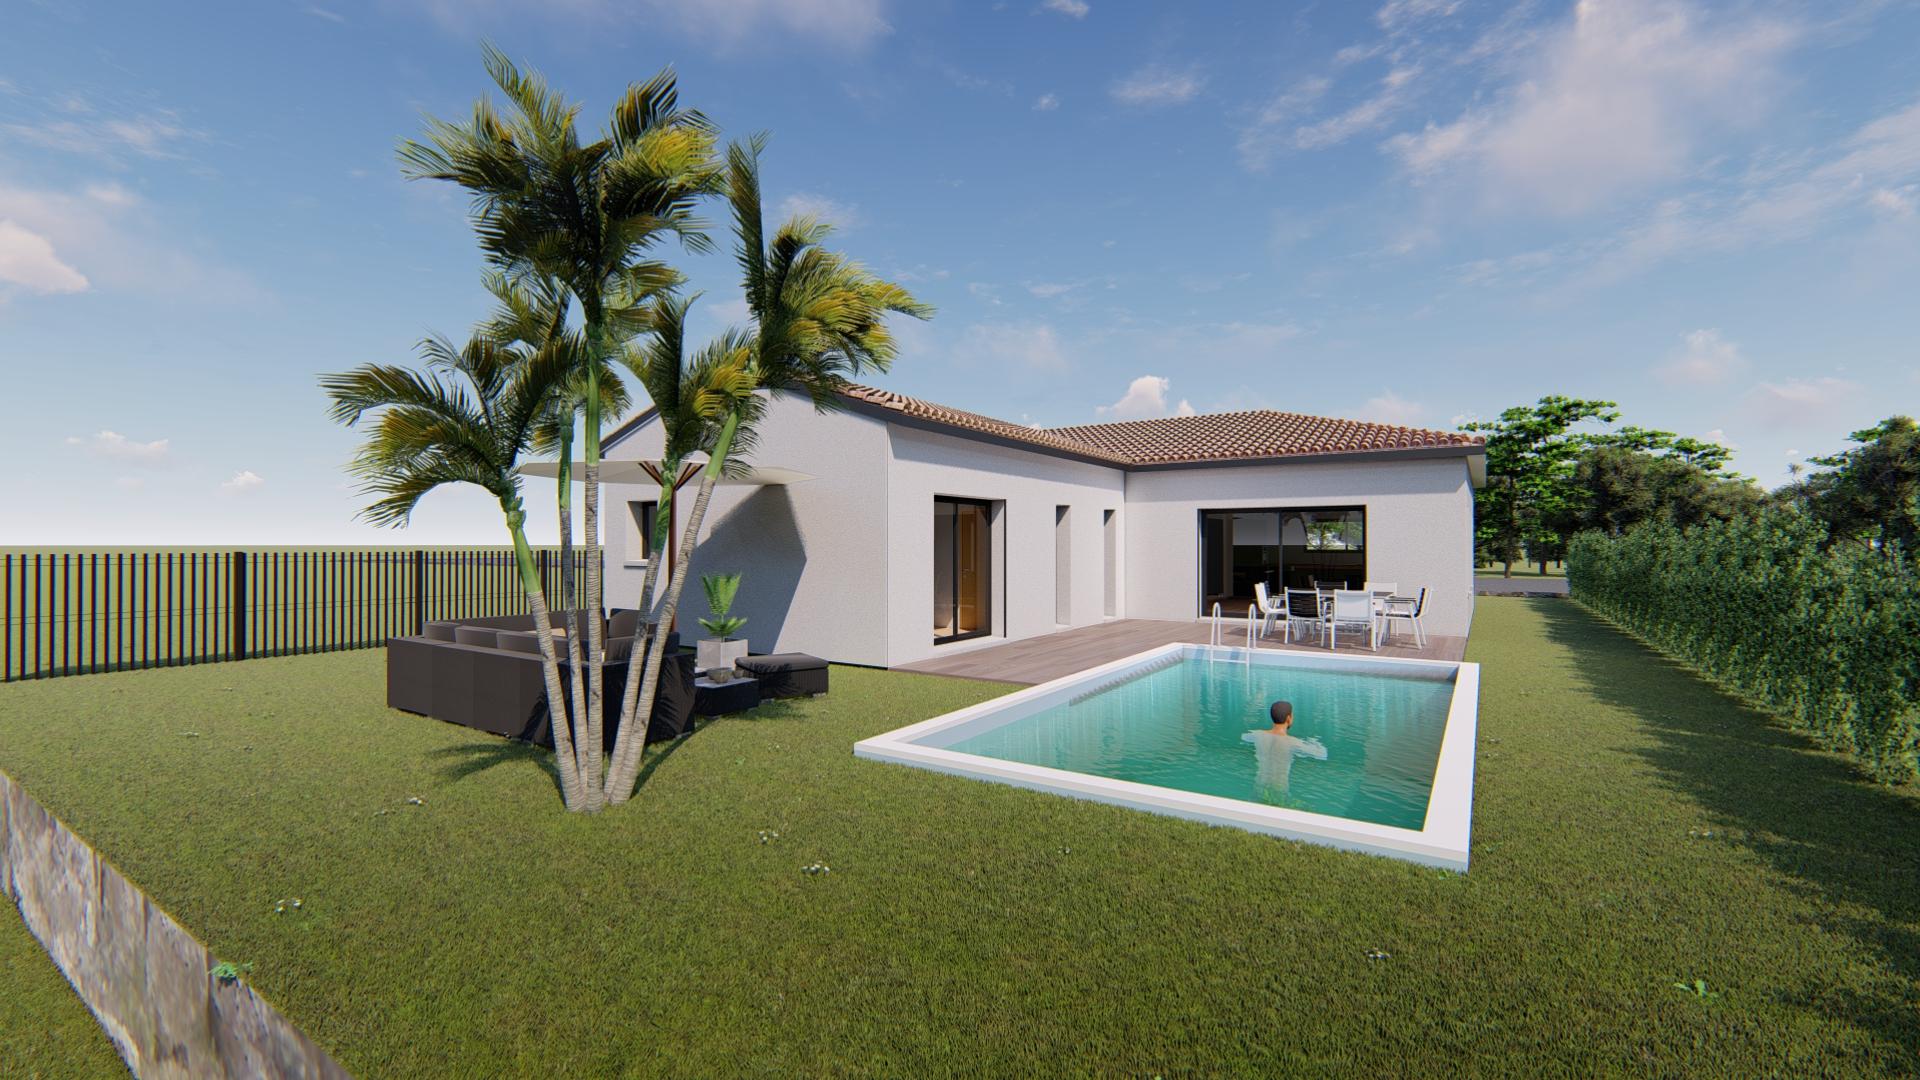 Maisons + Terrains du constructeur VILLAS SUD CREATION • 105 m² • CASTELNAU D'ESTRETEFONDS